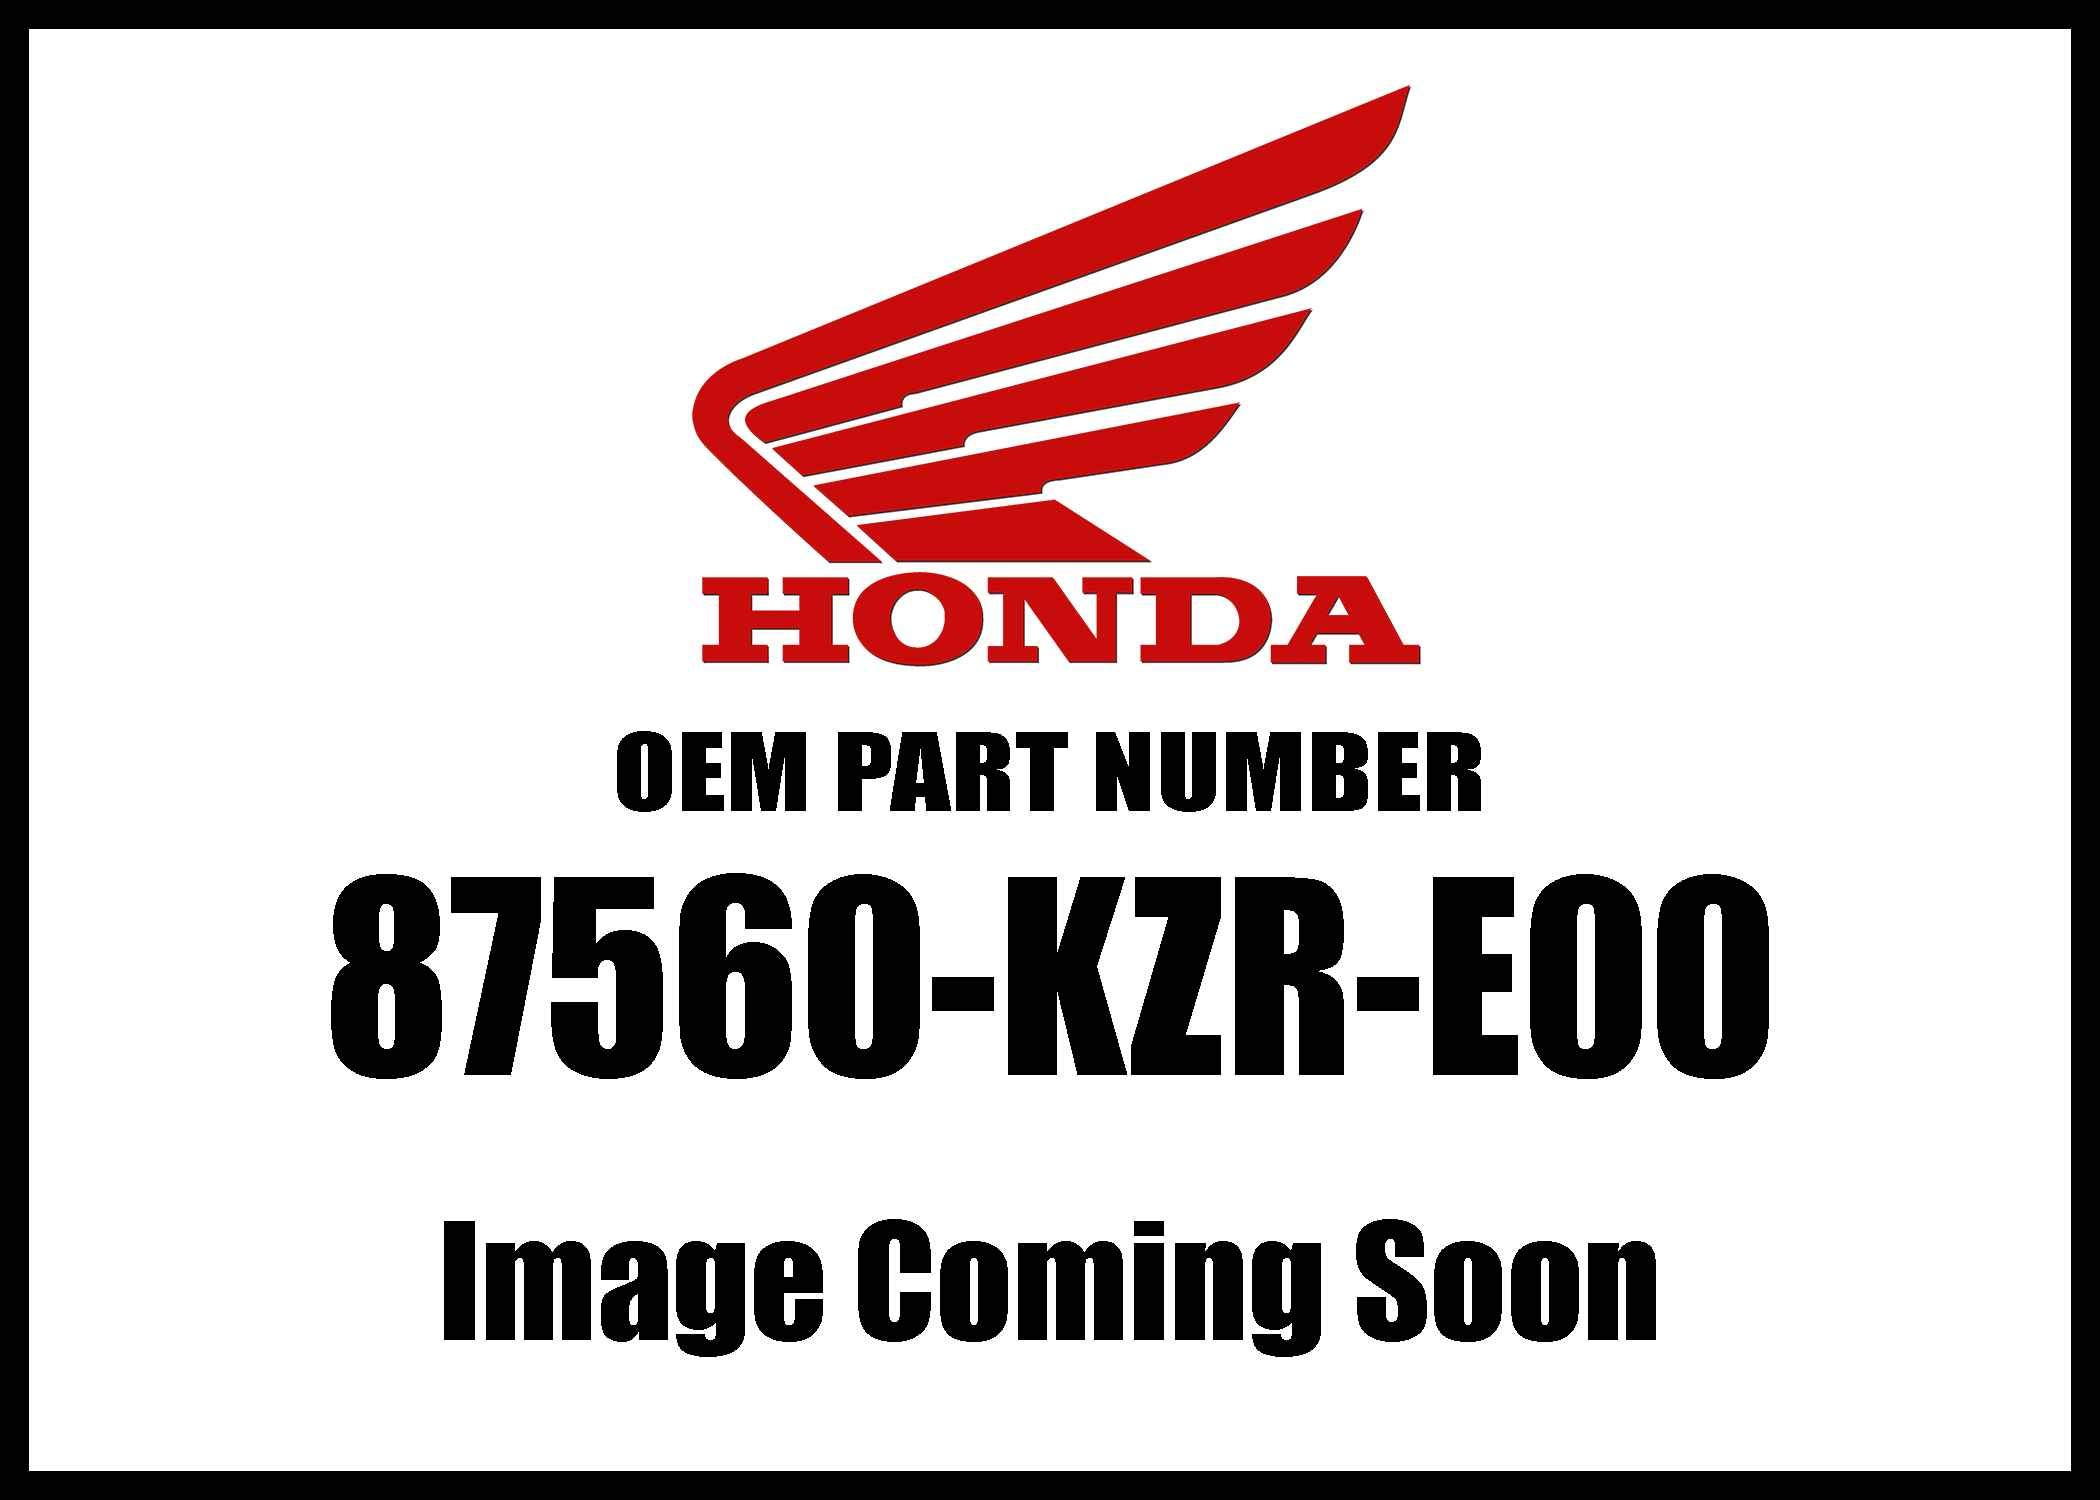 Honda Ww150 '18 Label Drive 87560-Kzr-E00 New Oem